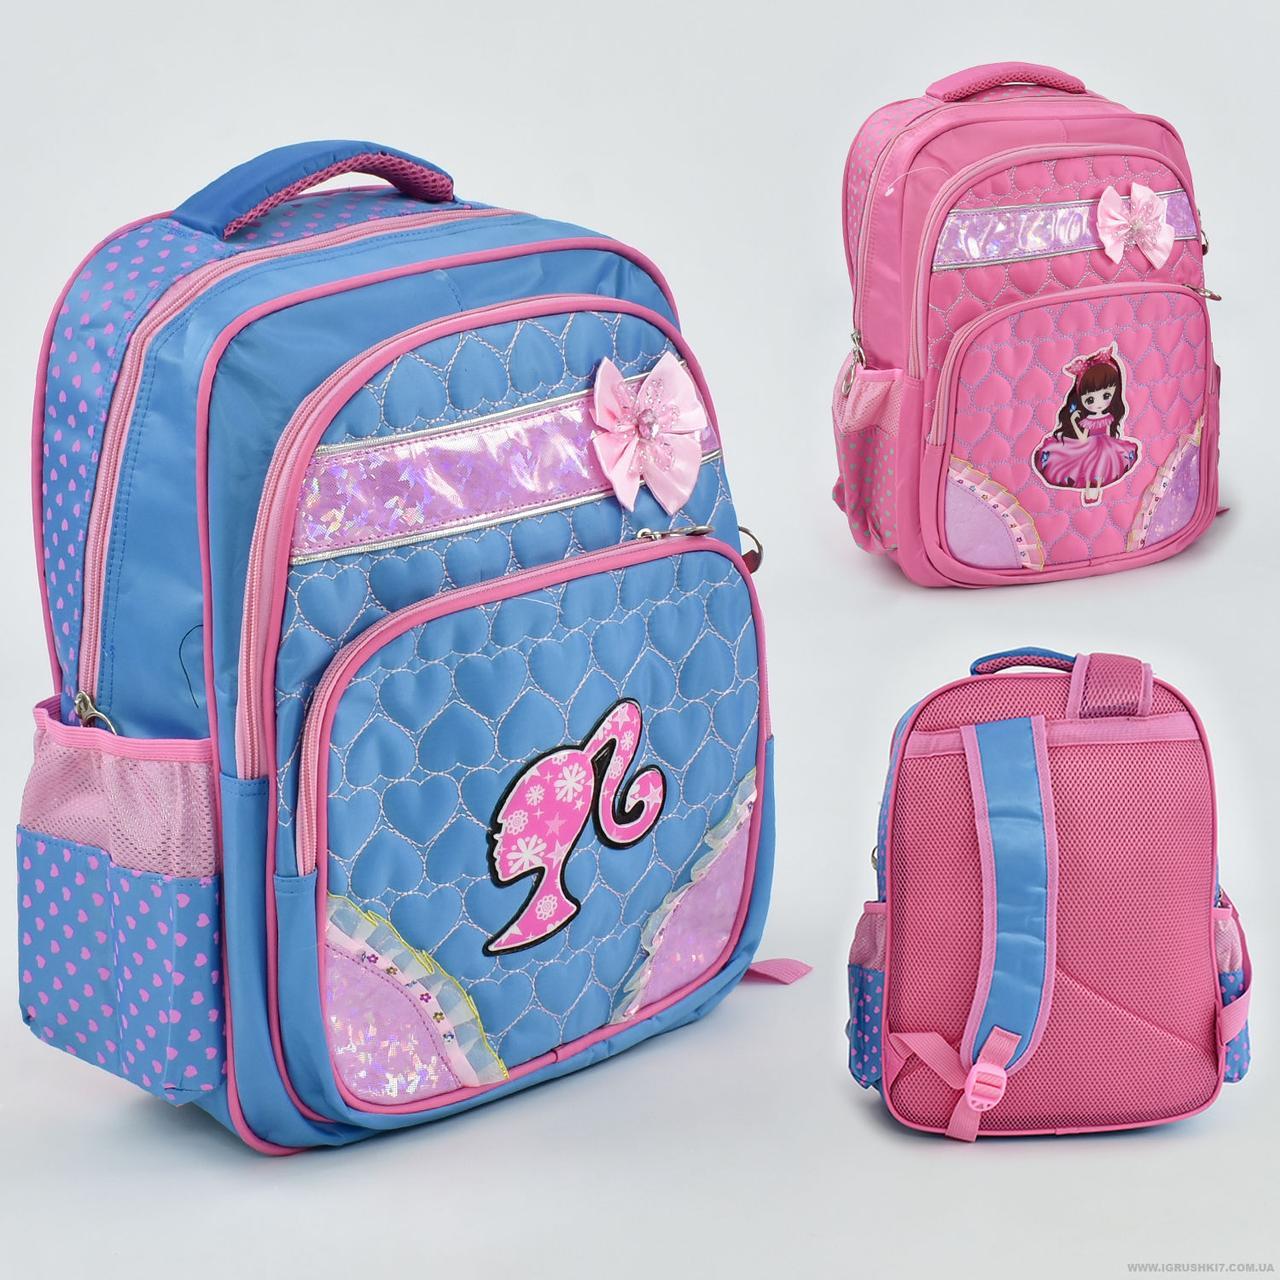 024f9fd4818e Детский Рюкзак школьный 555-472: продажа, цена в Днепропетровске ...